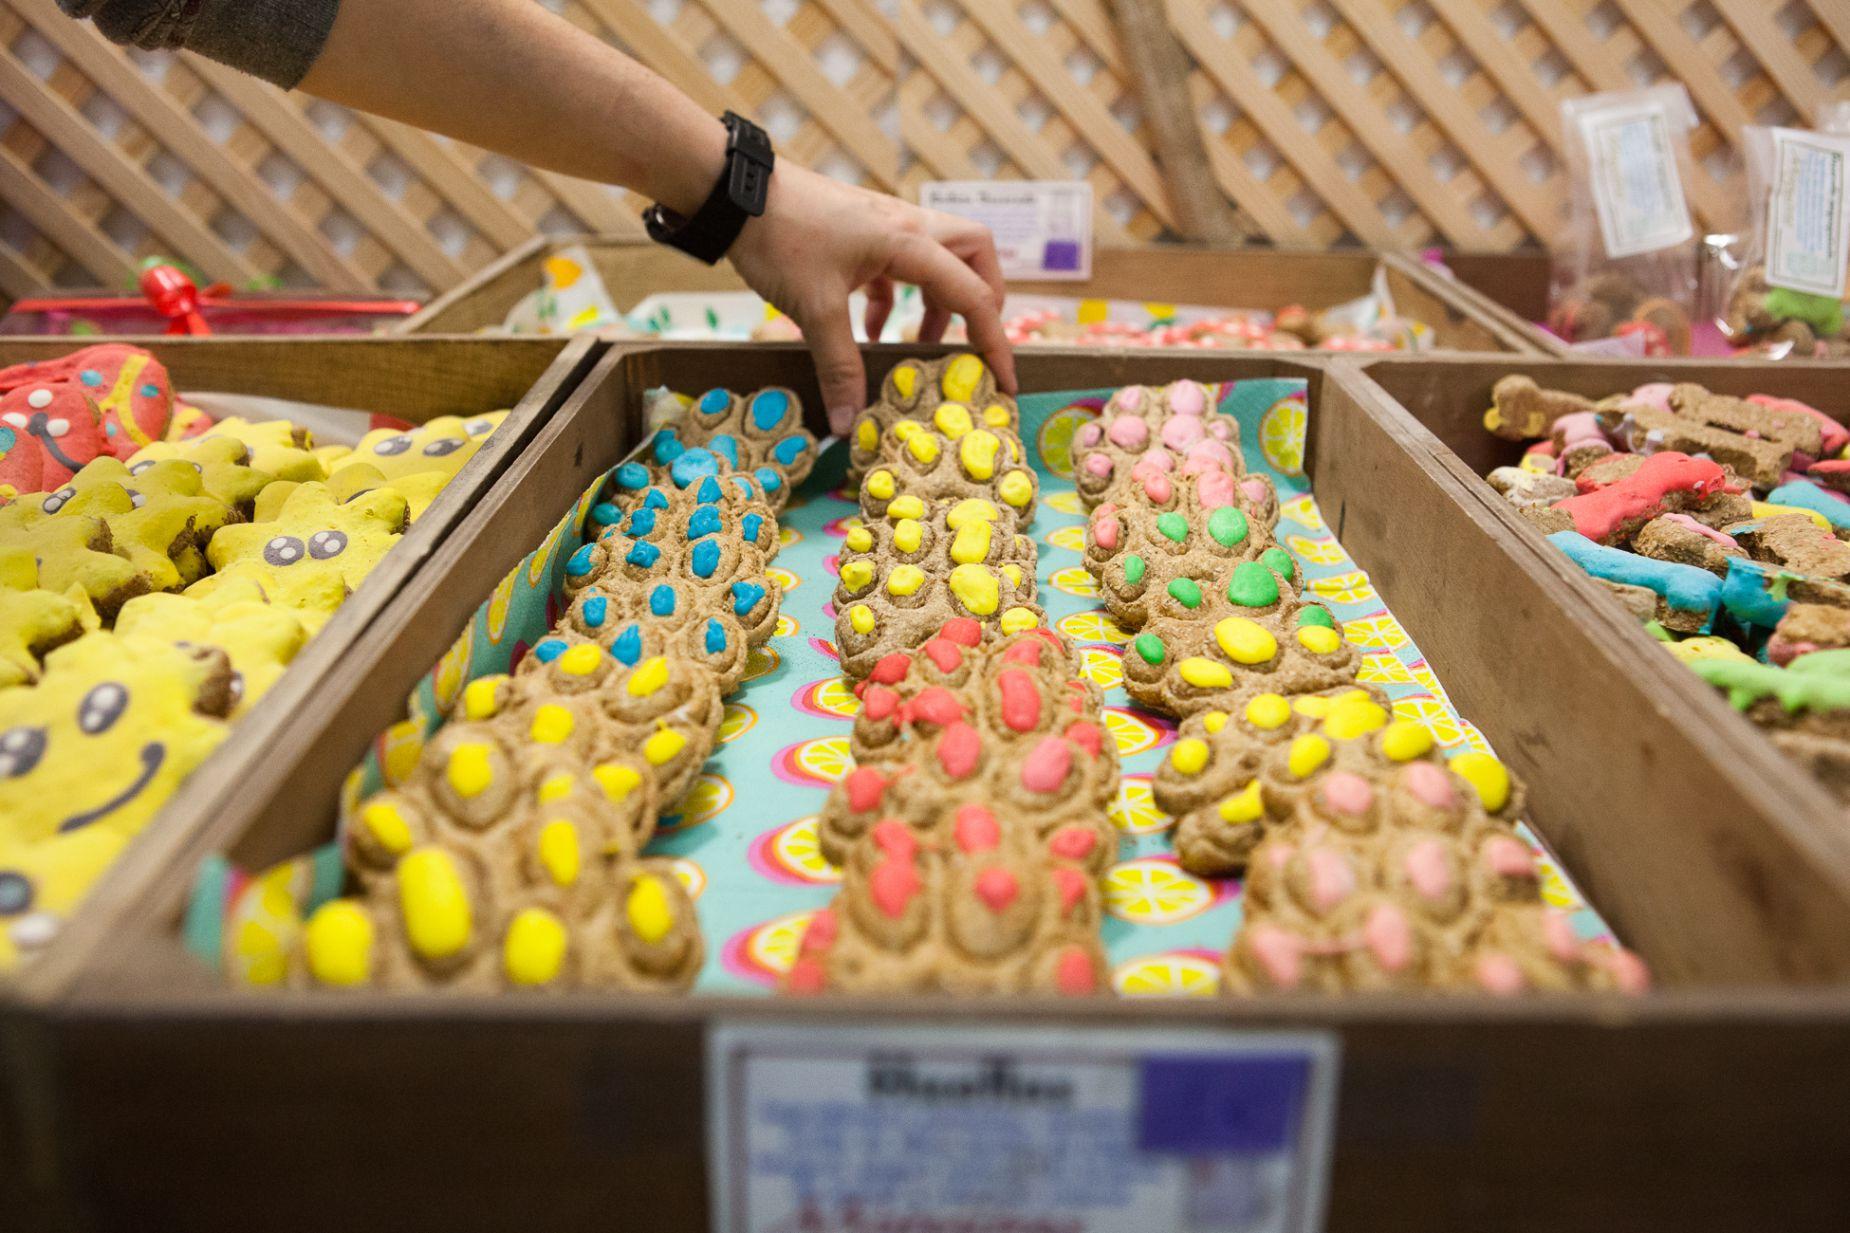 Tienda obrador 'Miguitas' (Madrid): galletas